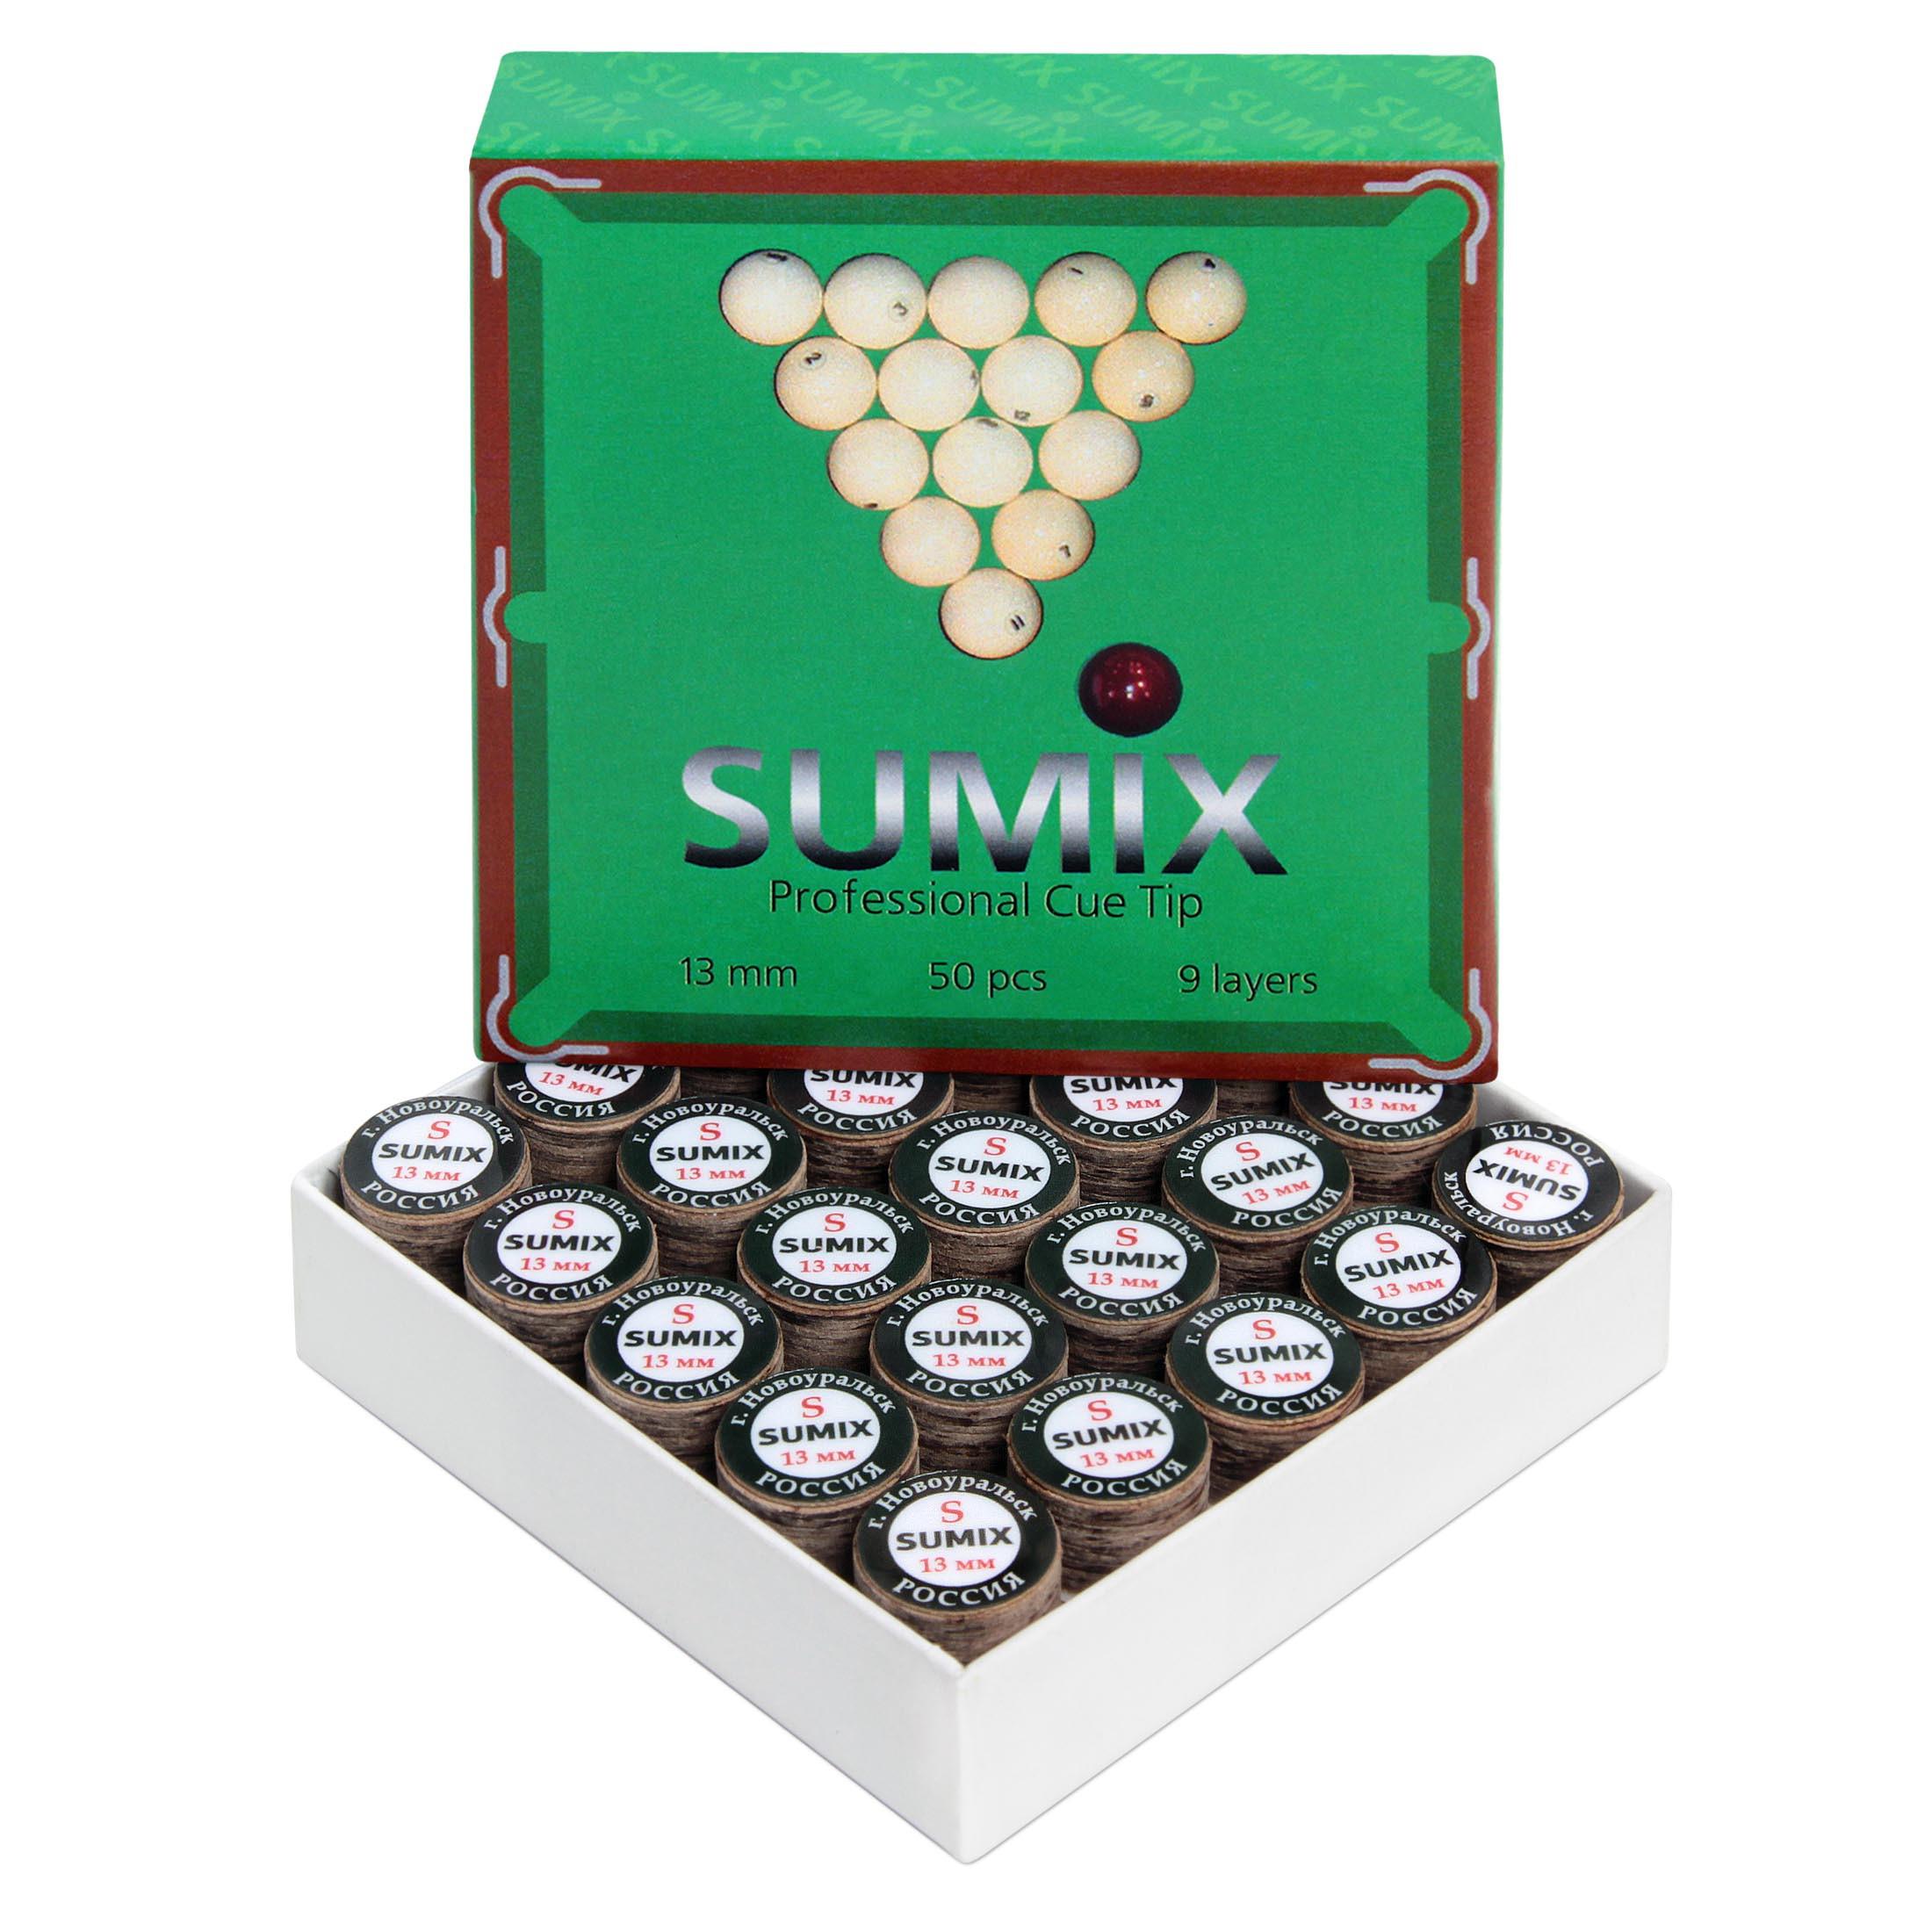 Наклейка для кия SUMIX ø13мм Soft с фиброй 1шт.